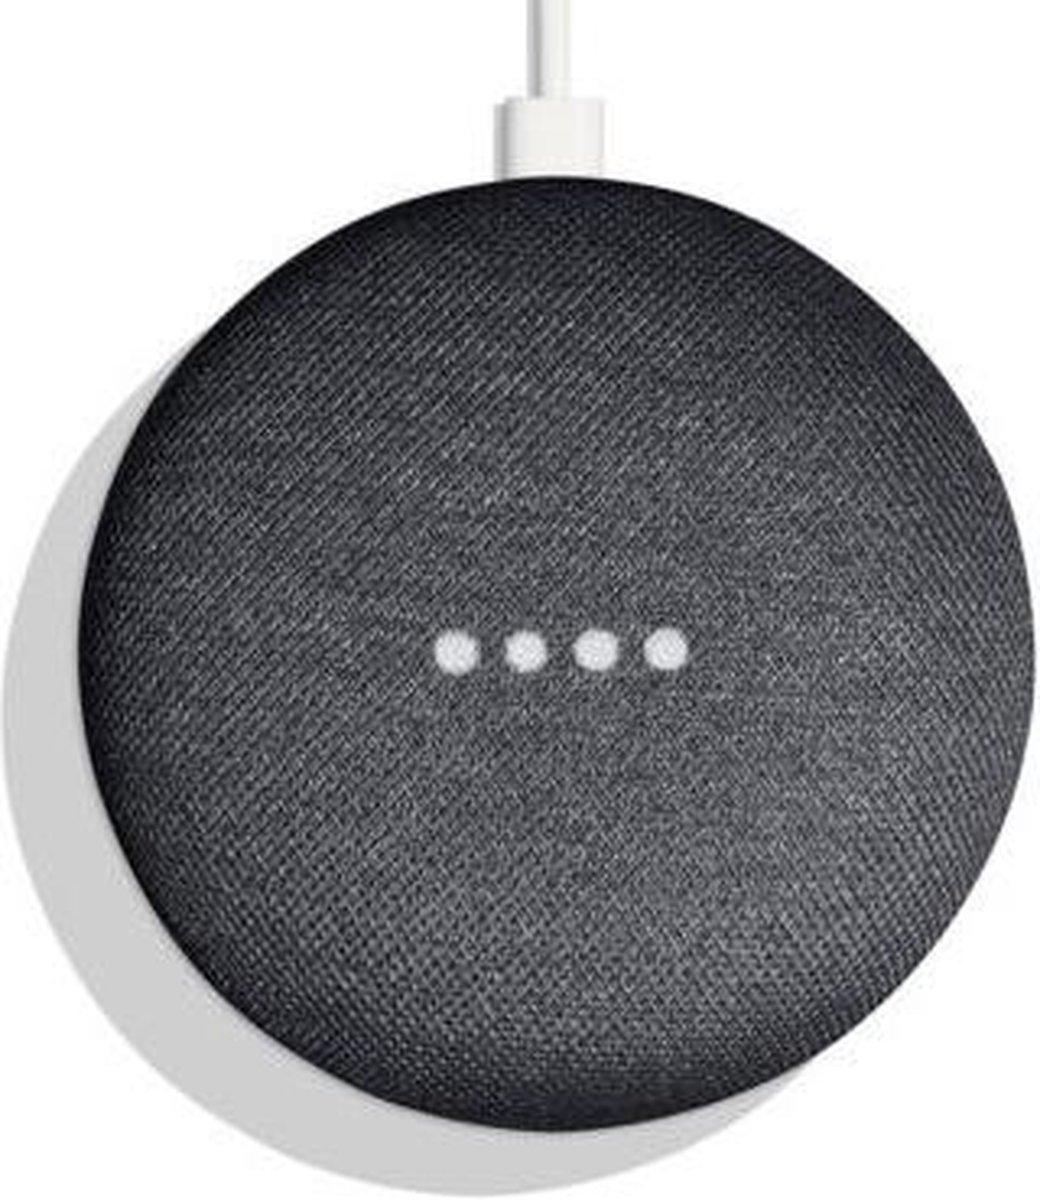 Google Home Mini - Smart Speaker / Zwart / Nederlandse handleiding